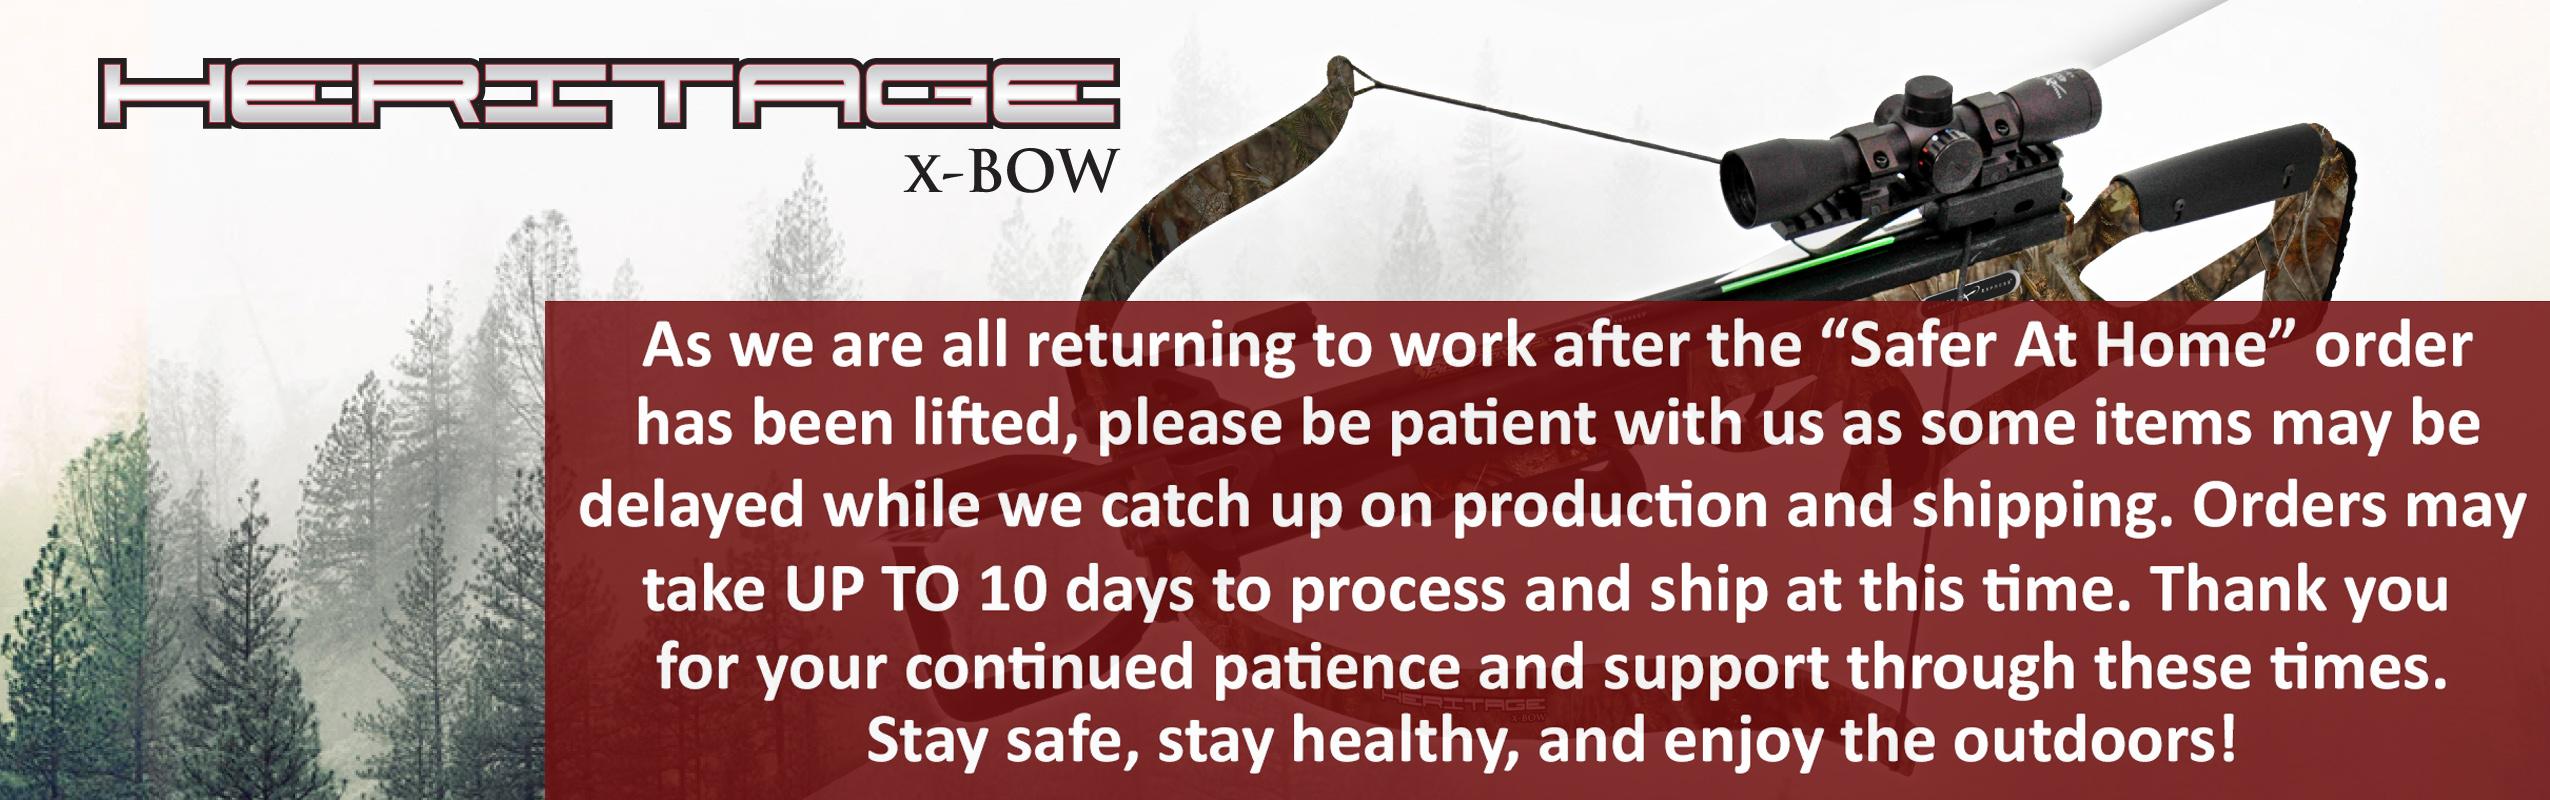 cxxbow-safer-lift.jpg